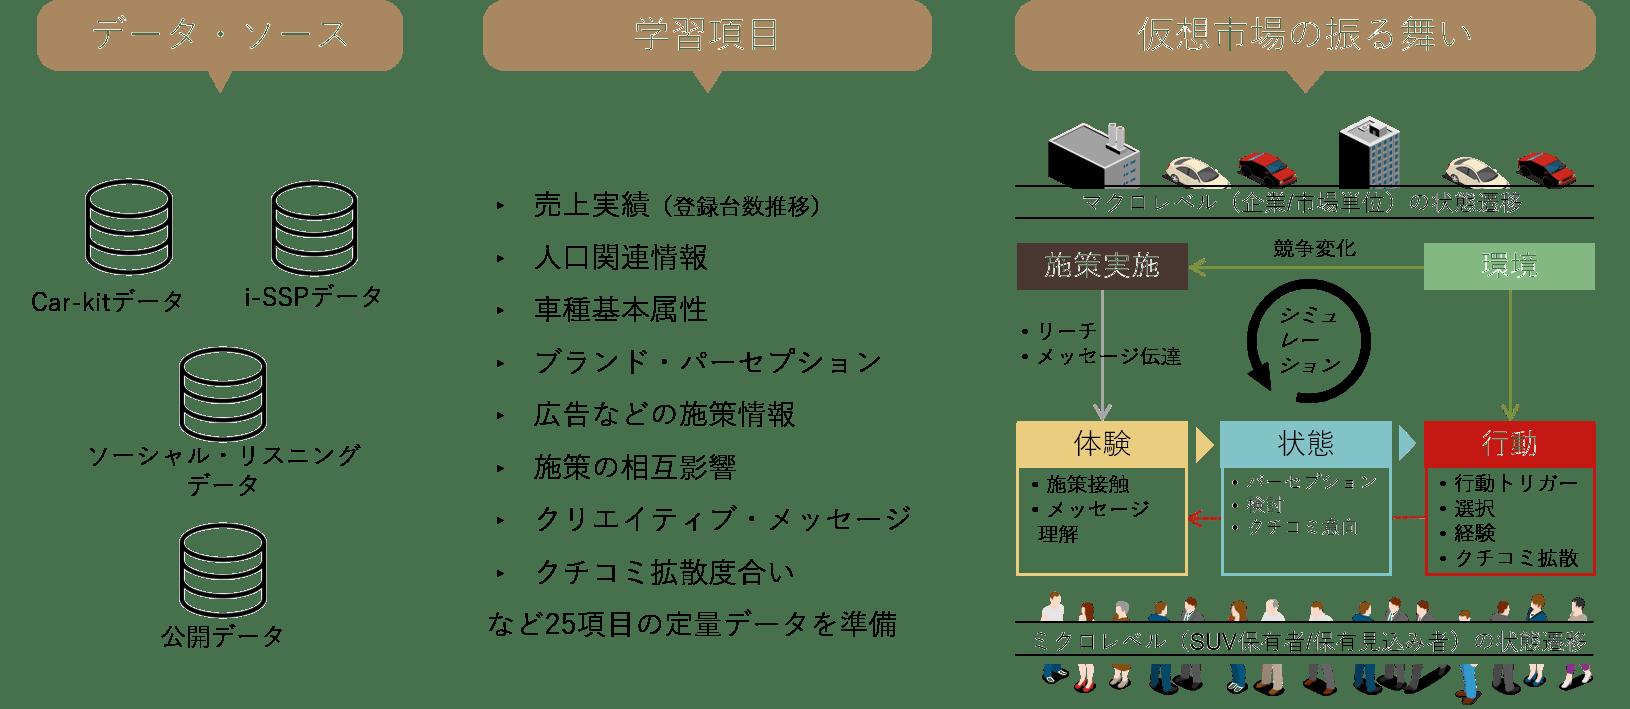 dscolumn-1_02.png